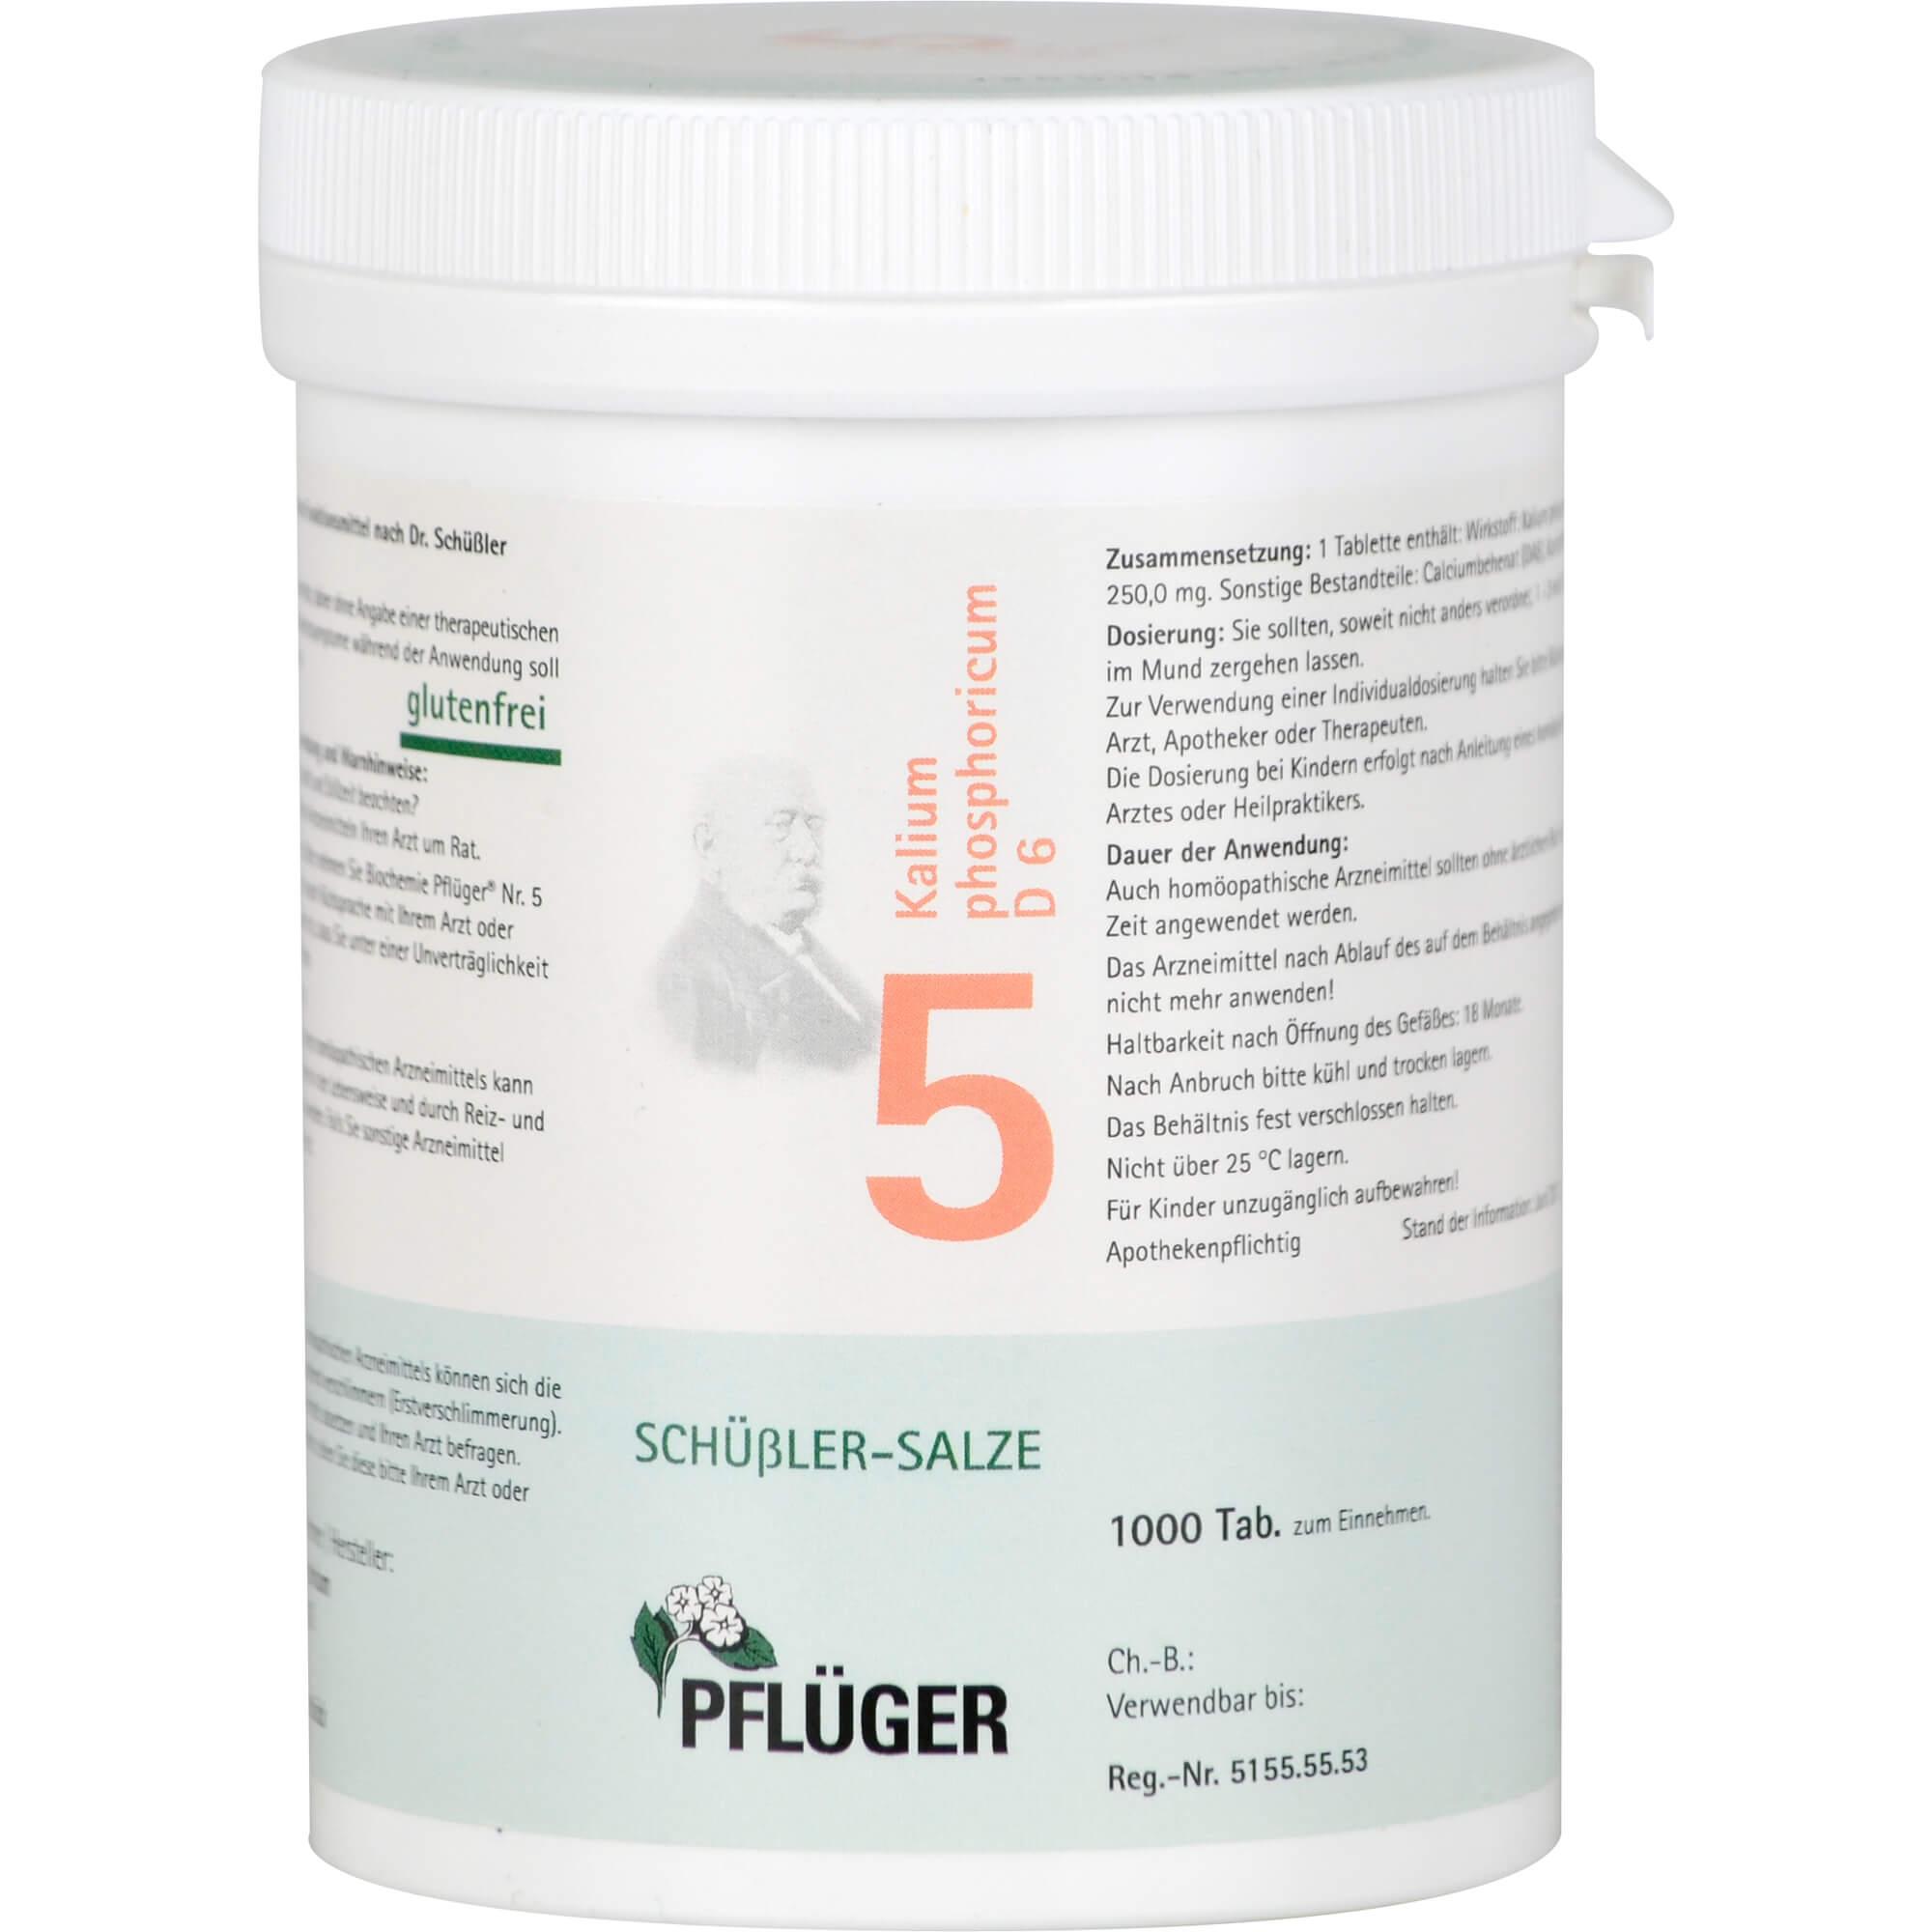 BIOCHEMIE-Pflueger-5-Kalium-phosphoricum-D-6-Tabl